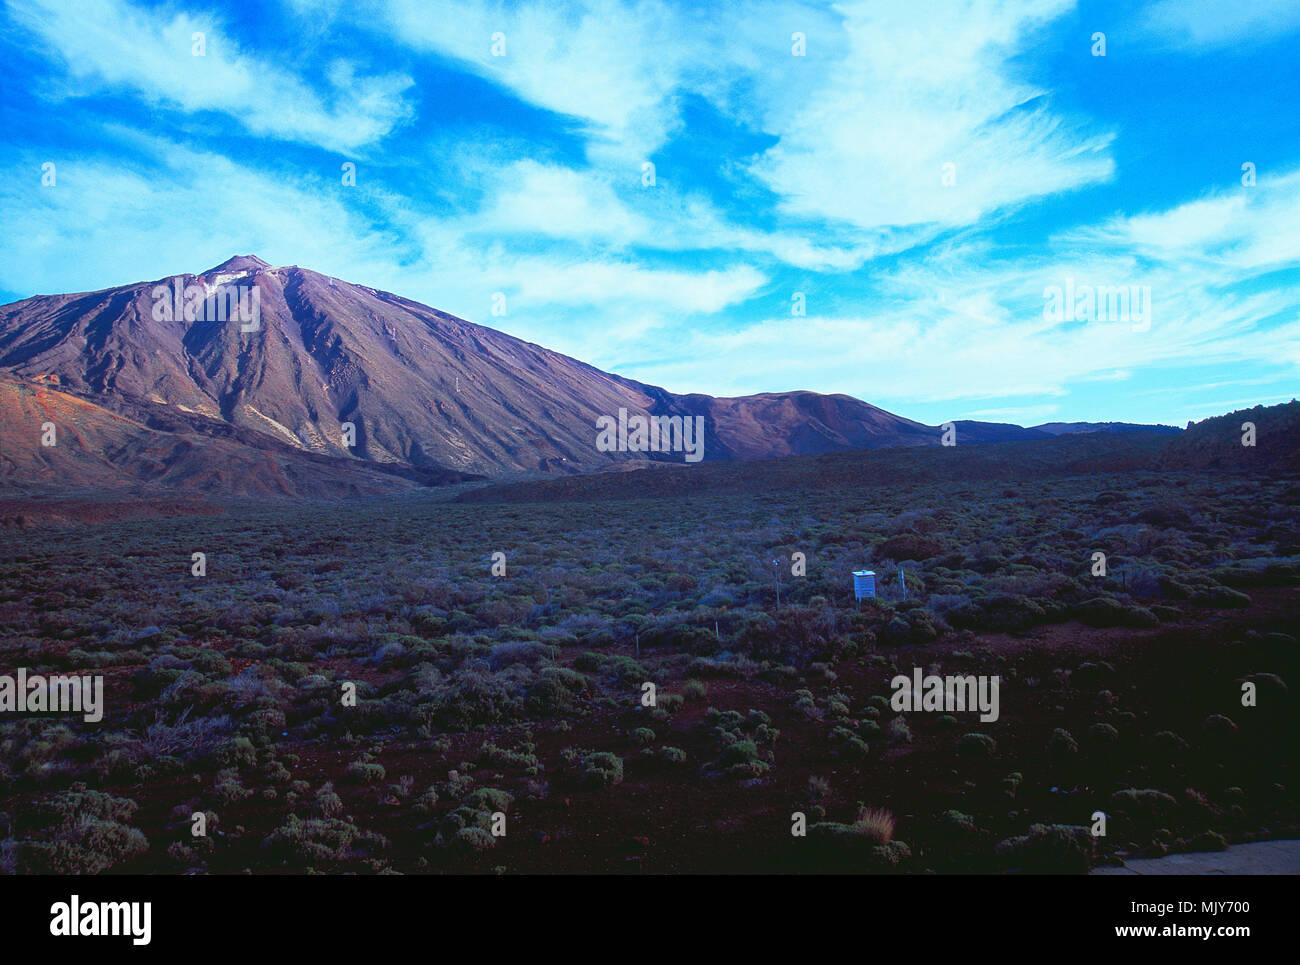 Nationalpark Teide, Teneriffa, Kanarische Inseln, Spanien. Stockfoto